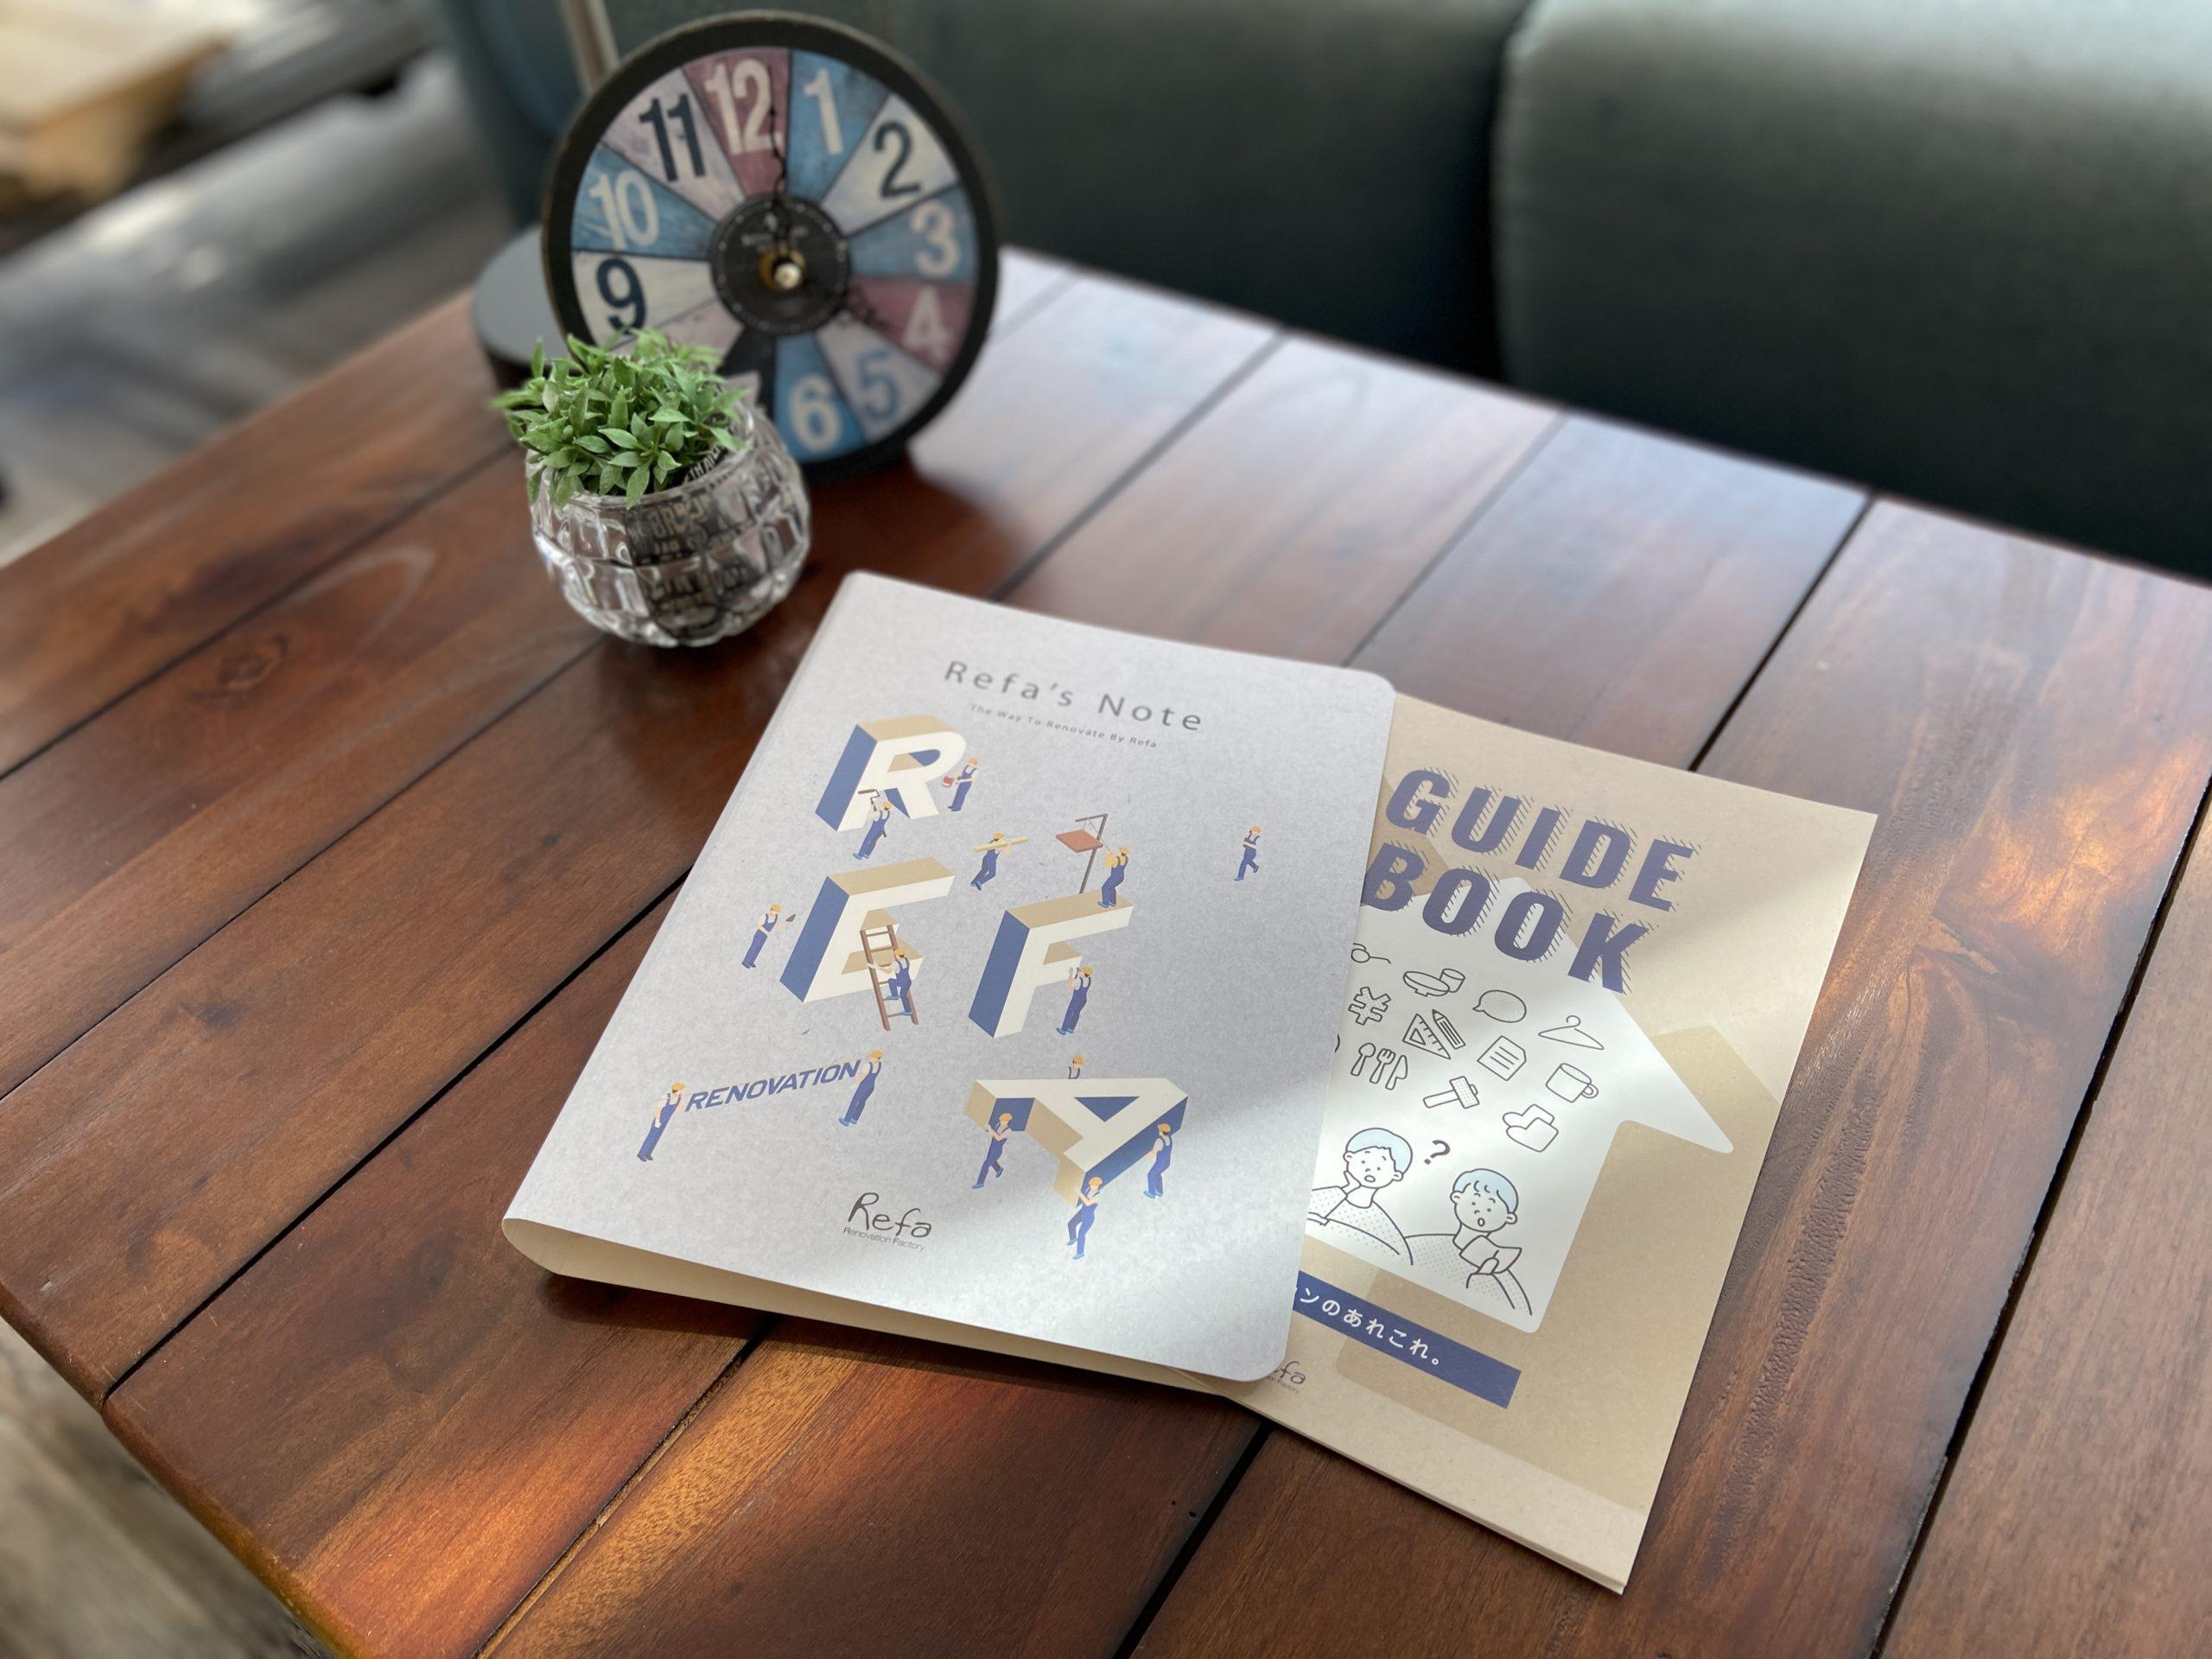 Refaの施工事例とリノベーションガイドをまとめた冊子「Refaのノート」